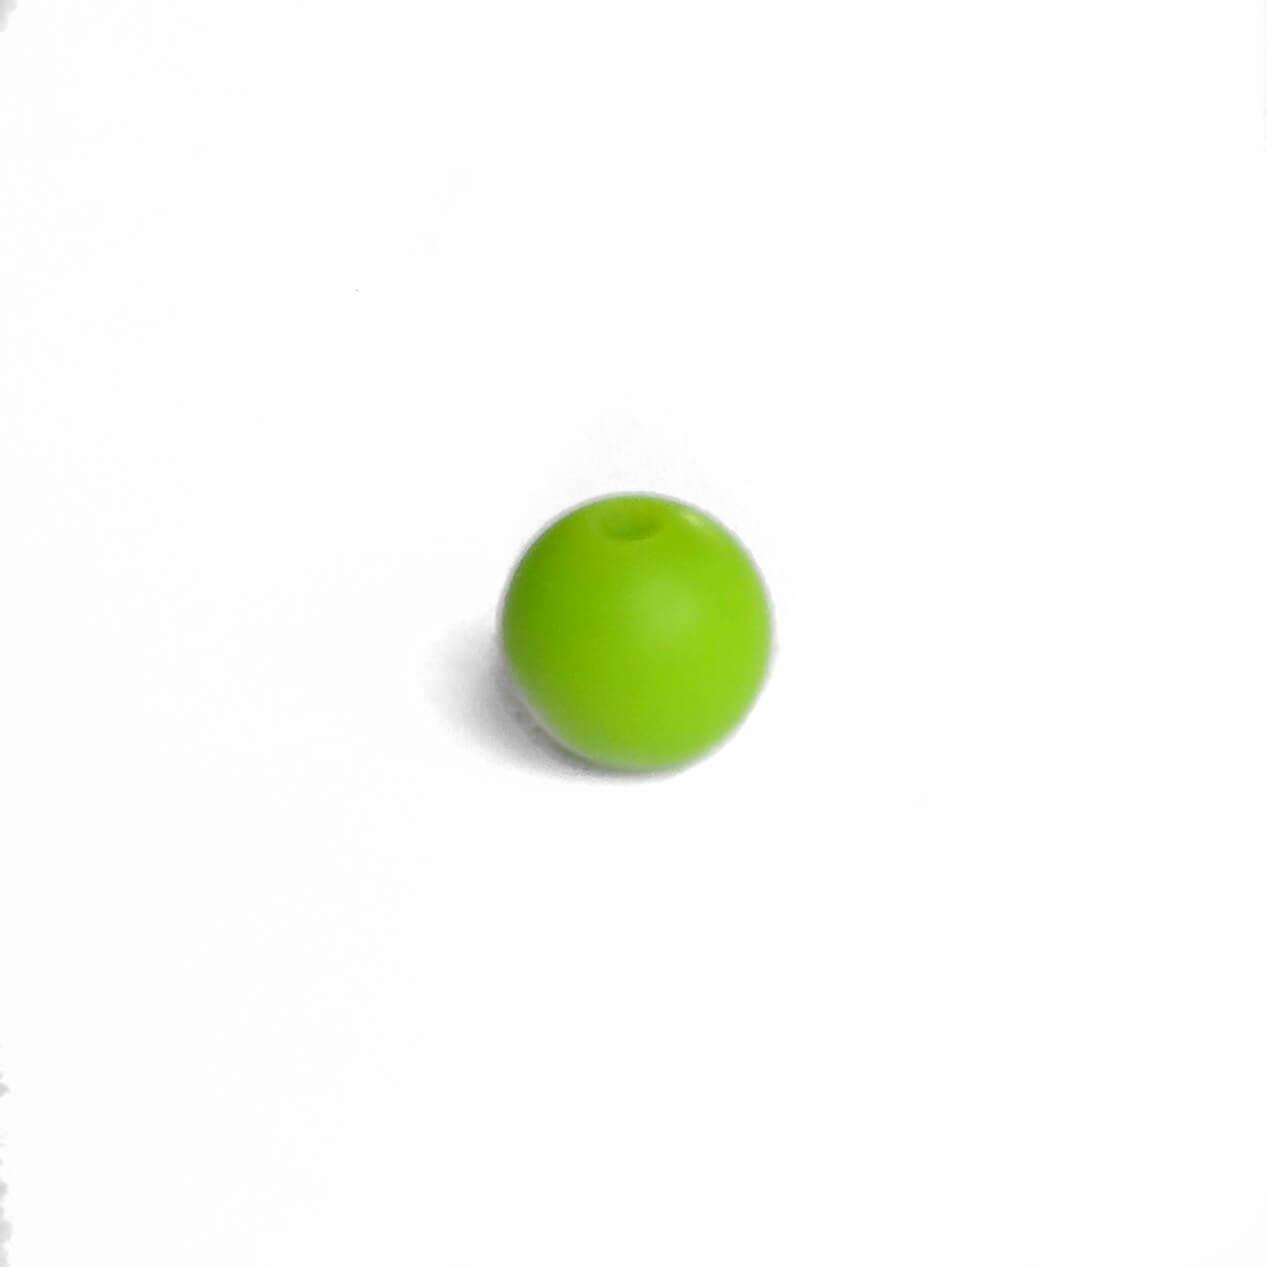 9мм (зеленый) круглая, силиконовая бусина